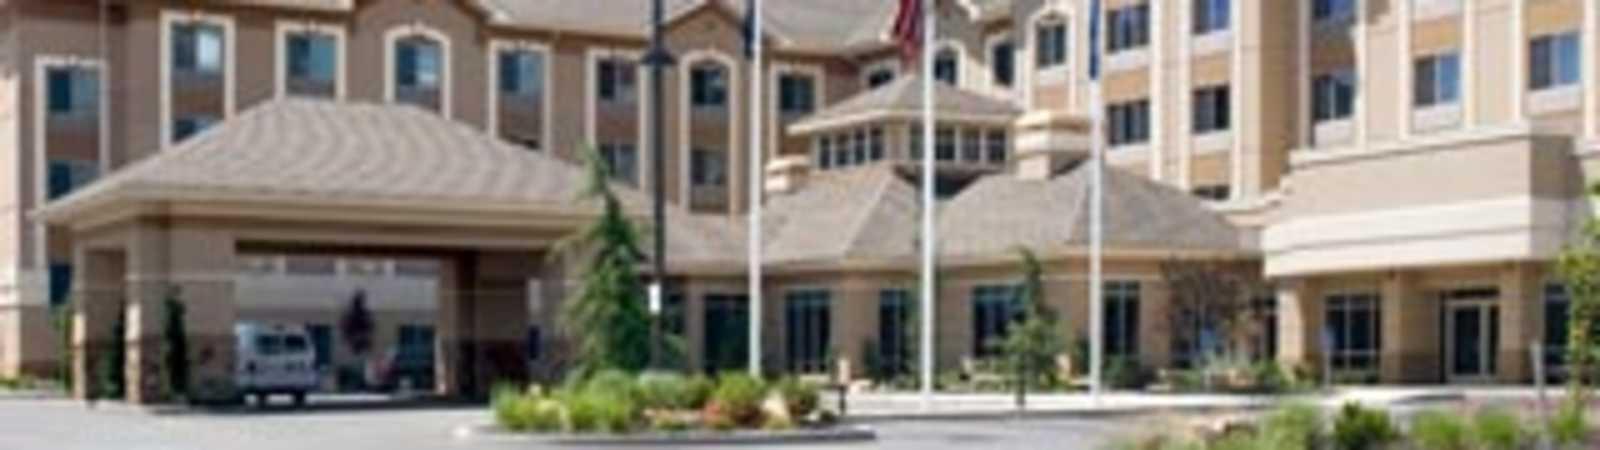 Hilton Garden Inn Salt Lake City Downtown Salt Lake City Ut 84101